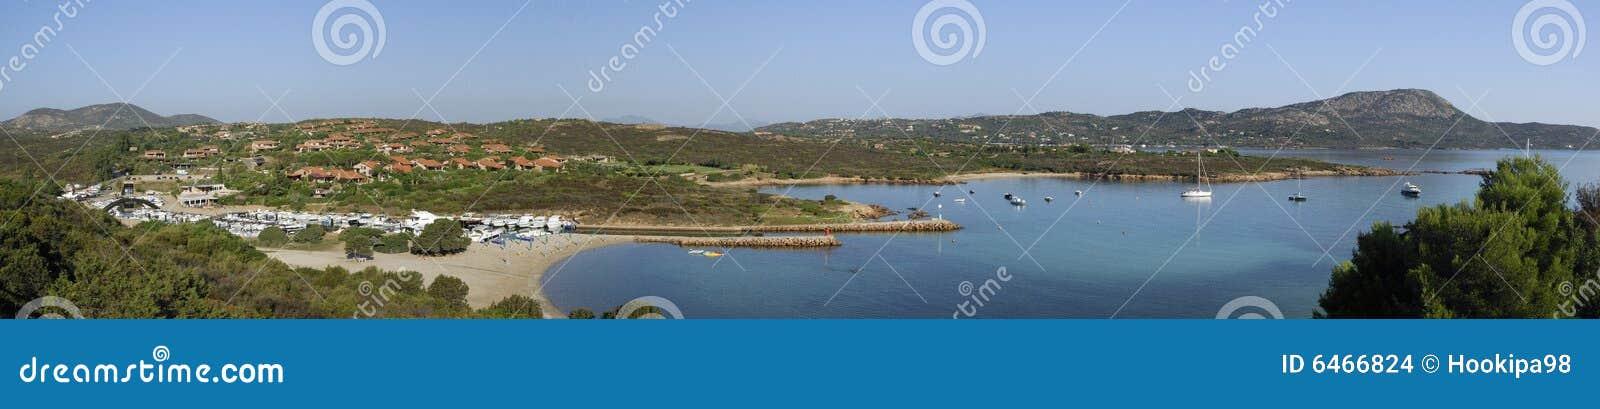 Panorama brzegu Sardynii